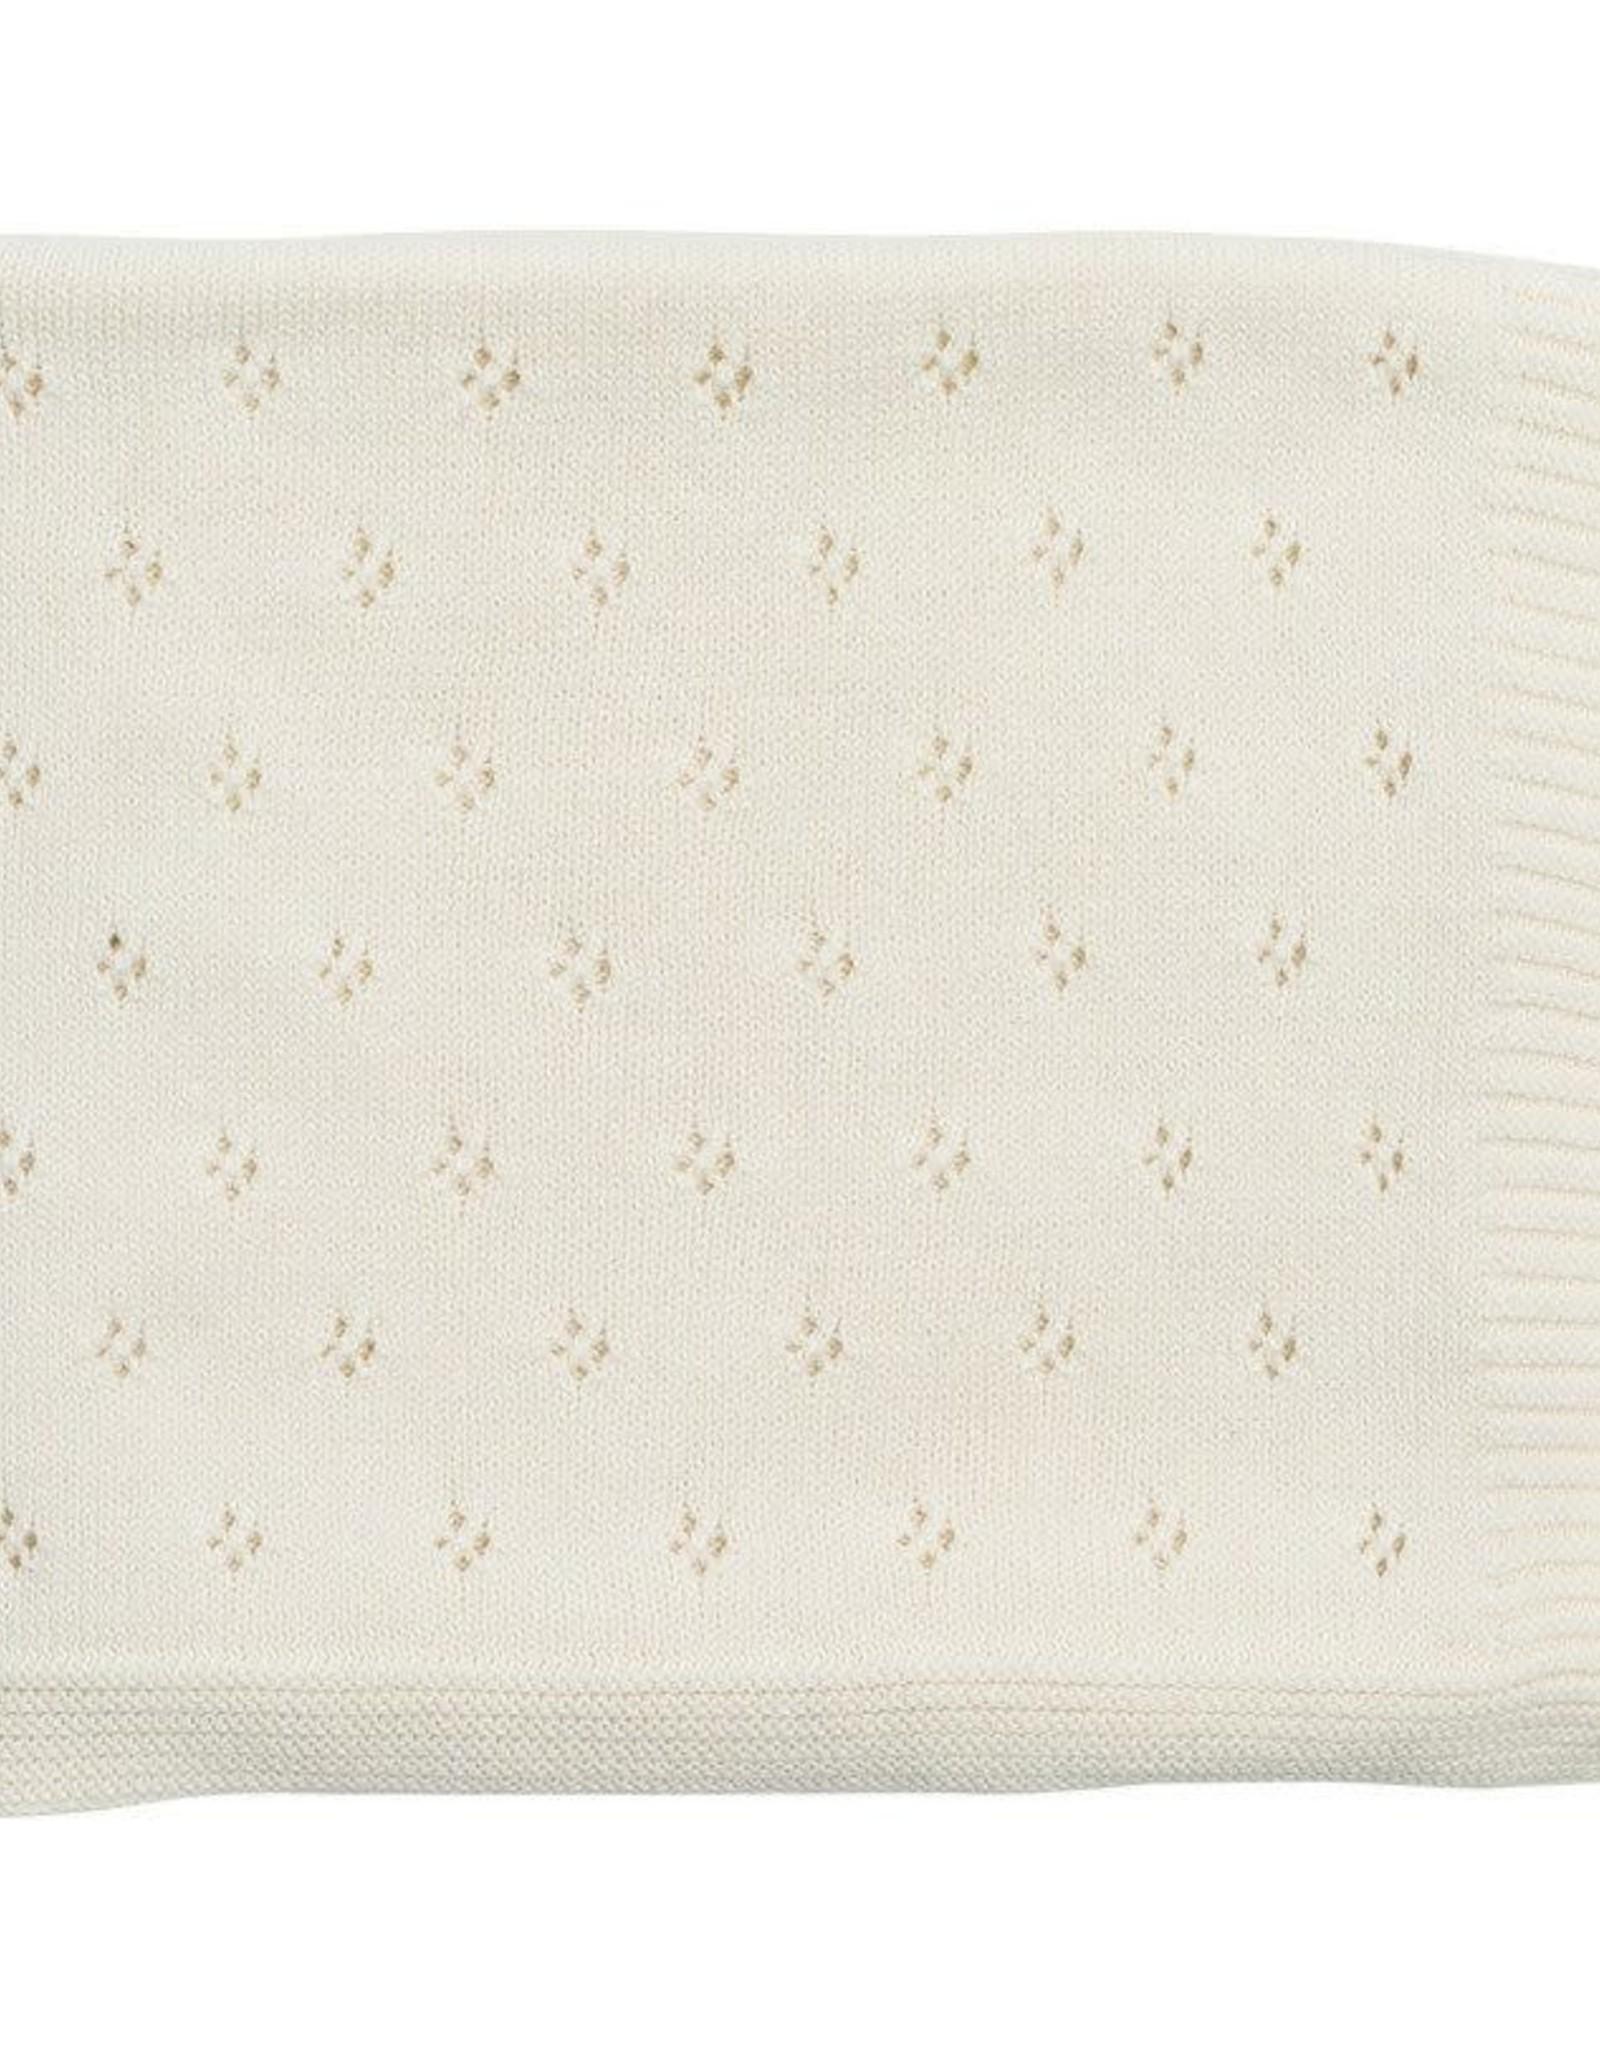 Zestt Clover Knit Baby Blanket White